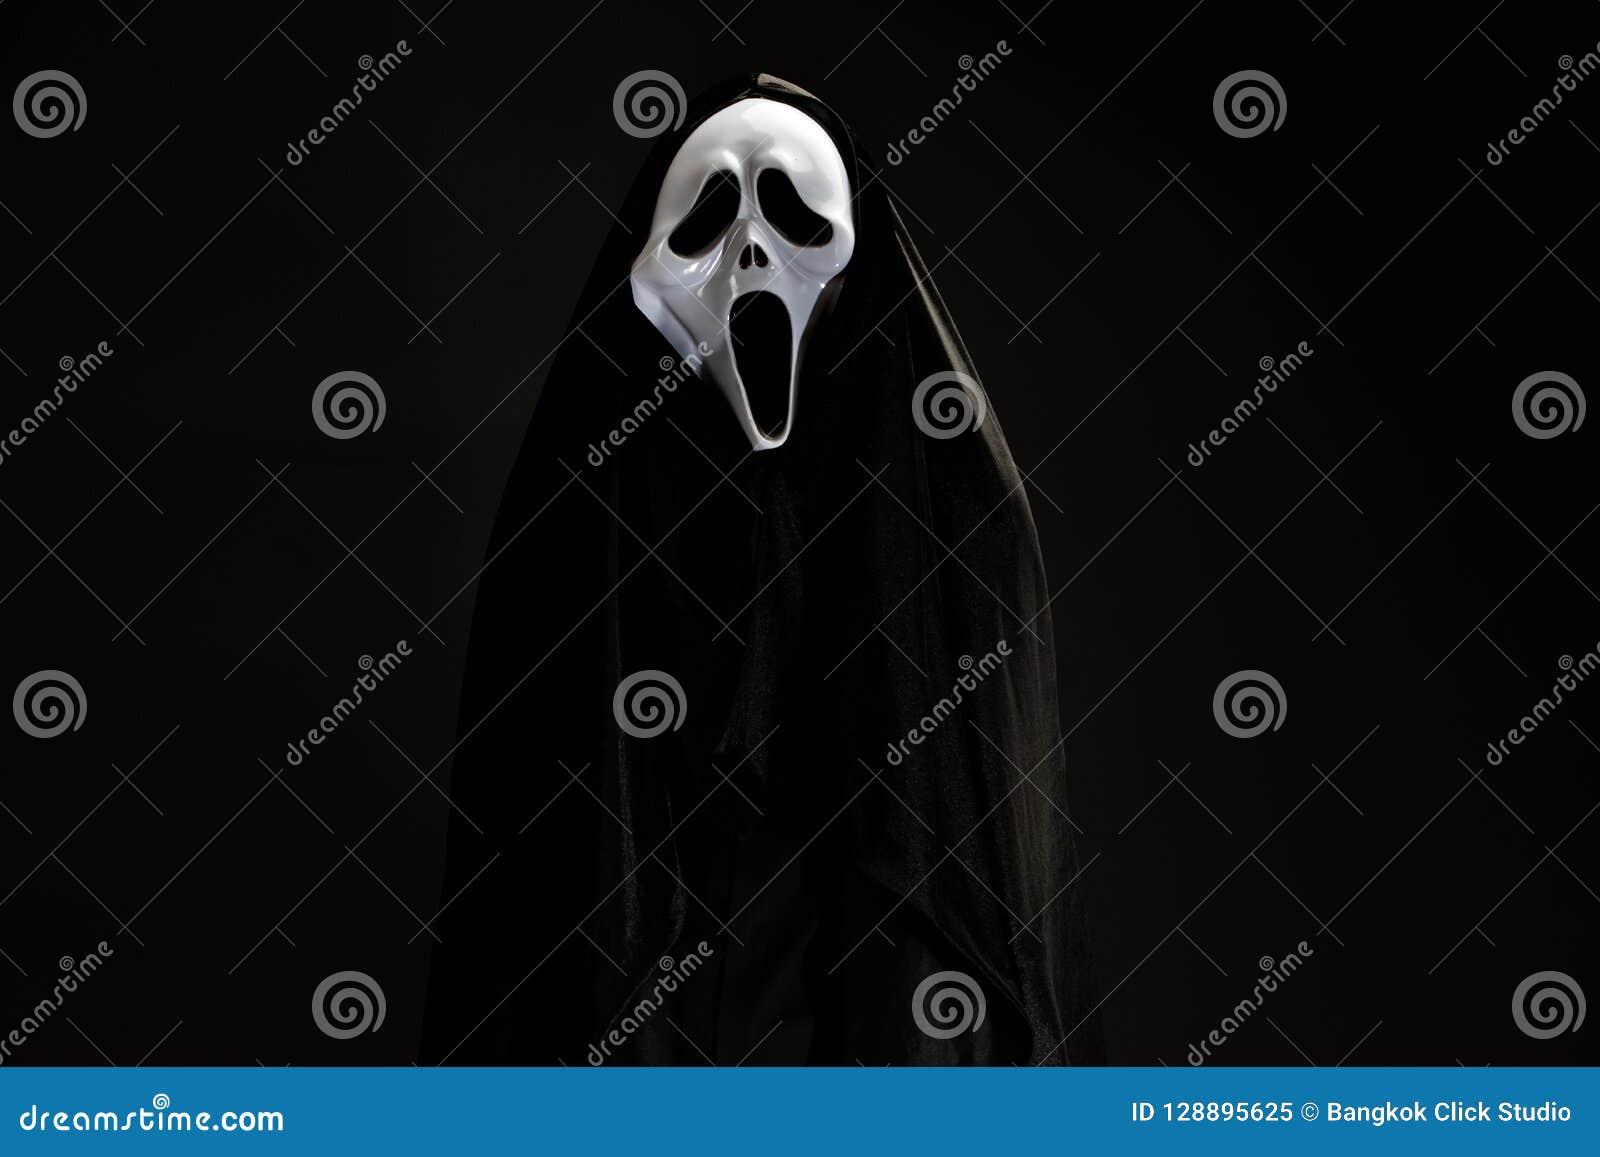 Alguém na tampa preta com a máscara branca do fantasma cosplay à C.A. do diabo